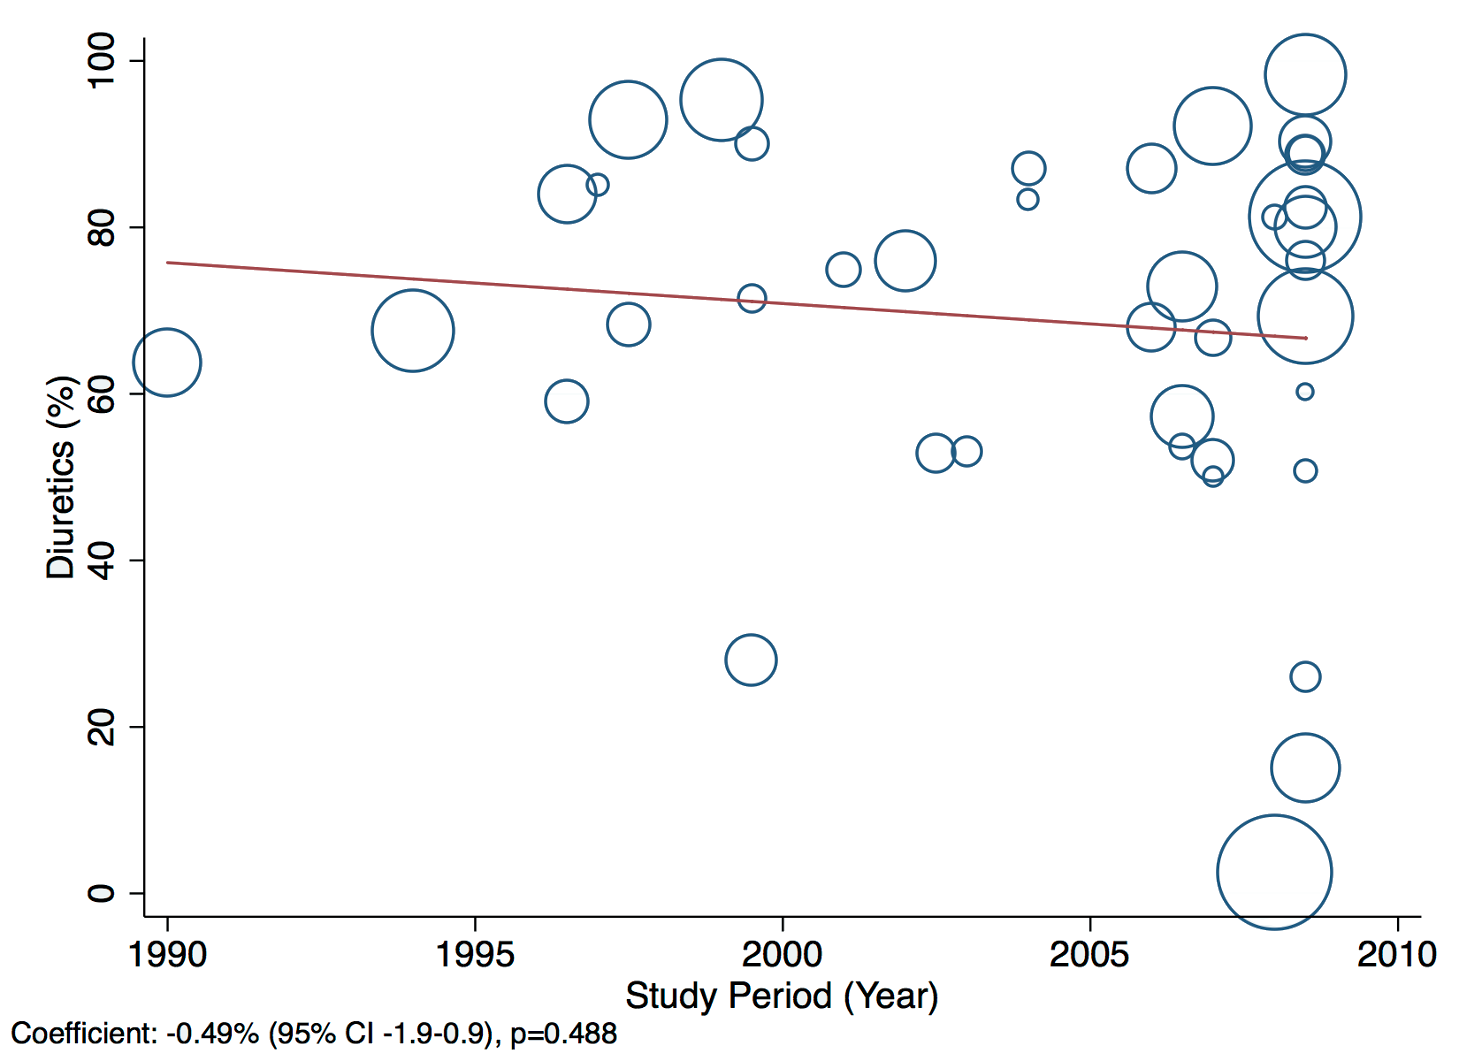 Meta-regression of diuretic use against study period.